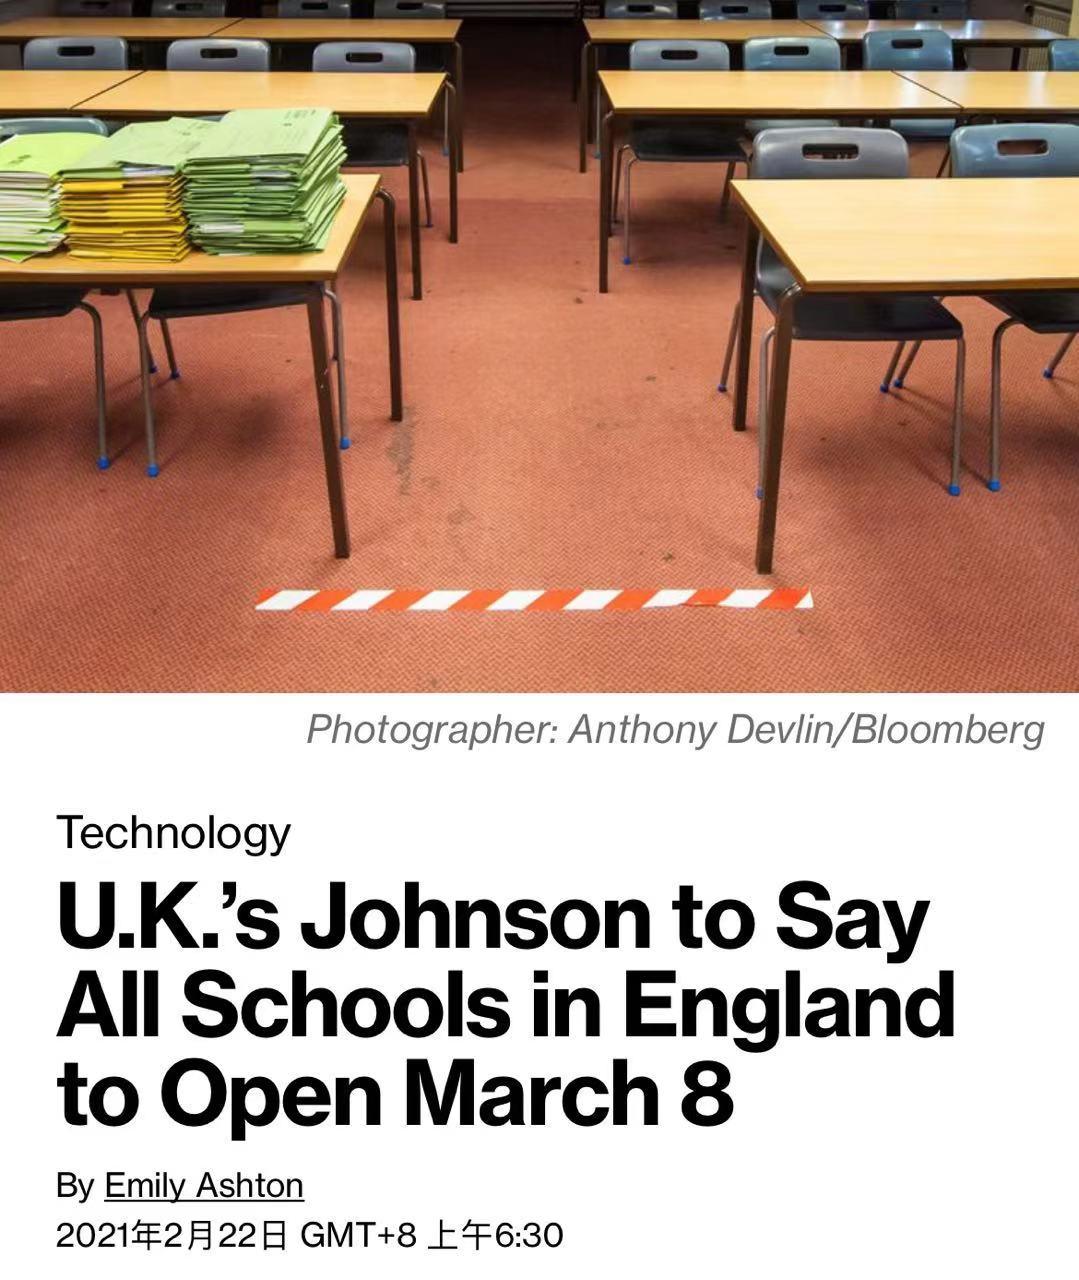 美媒:约翰逊将宣布英国所有学校3月8日开学